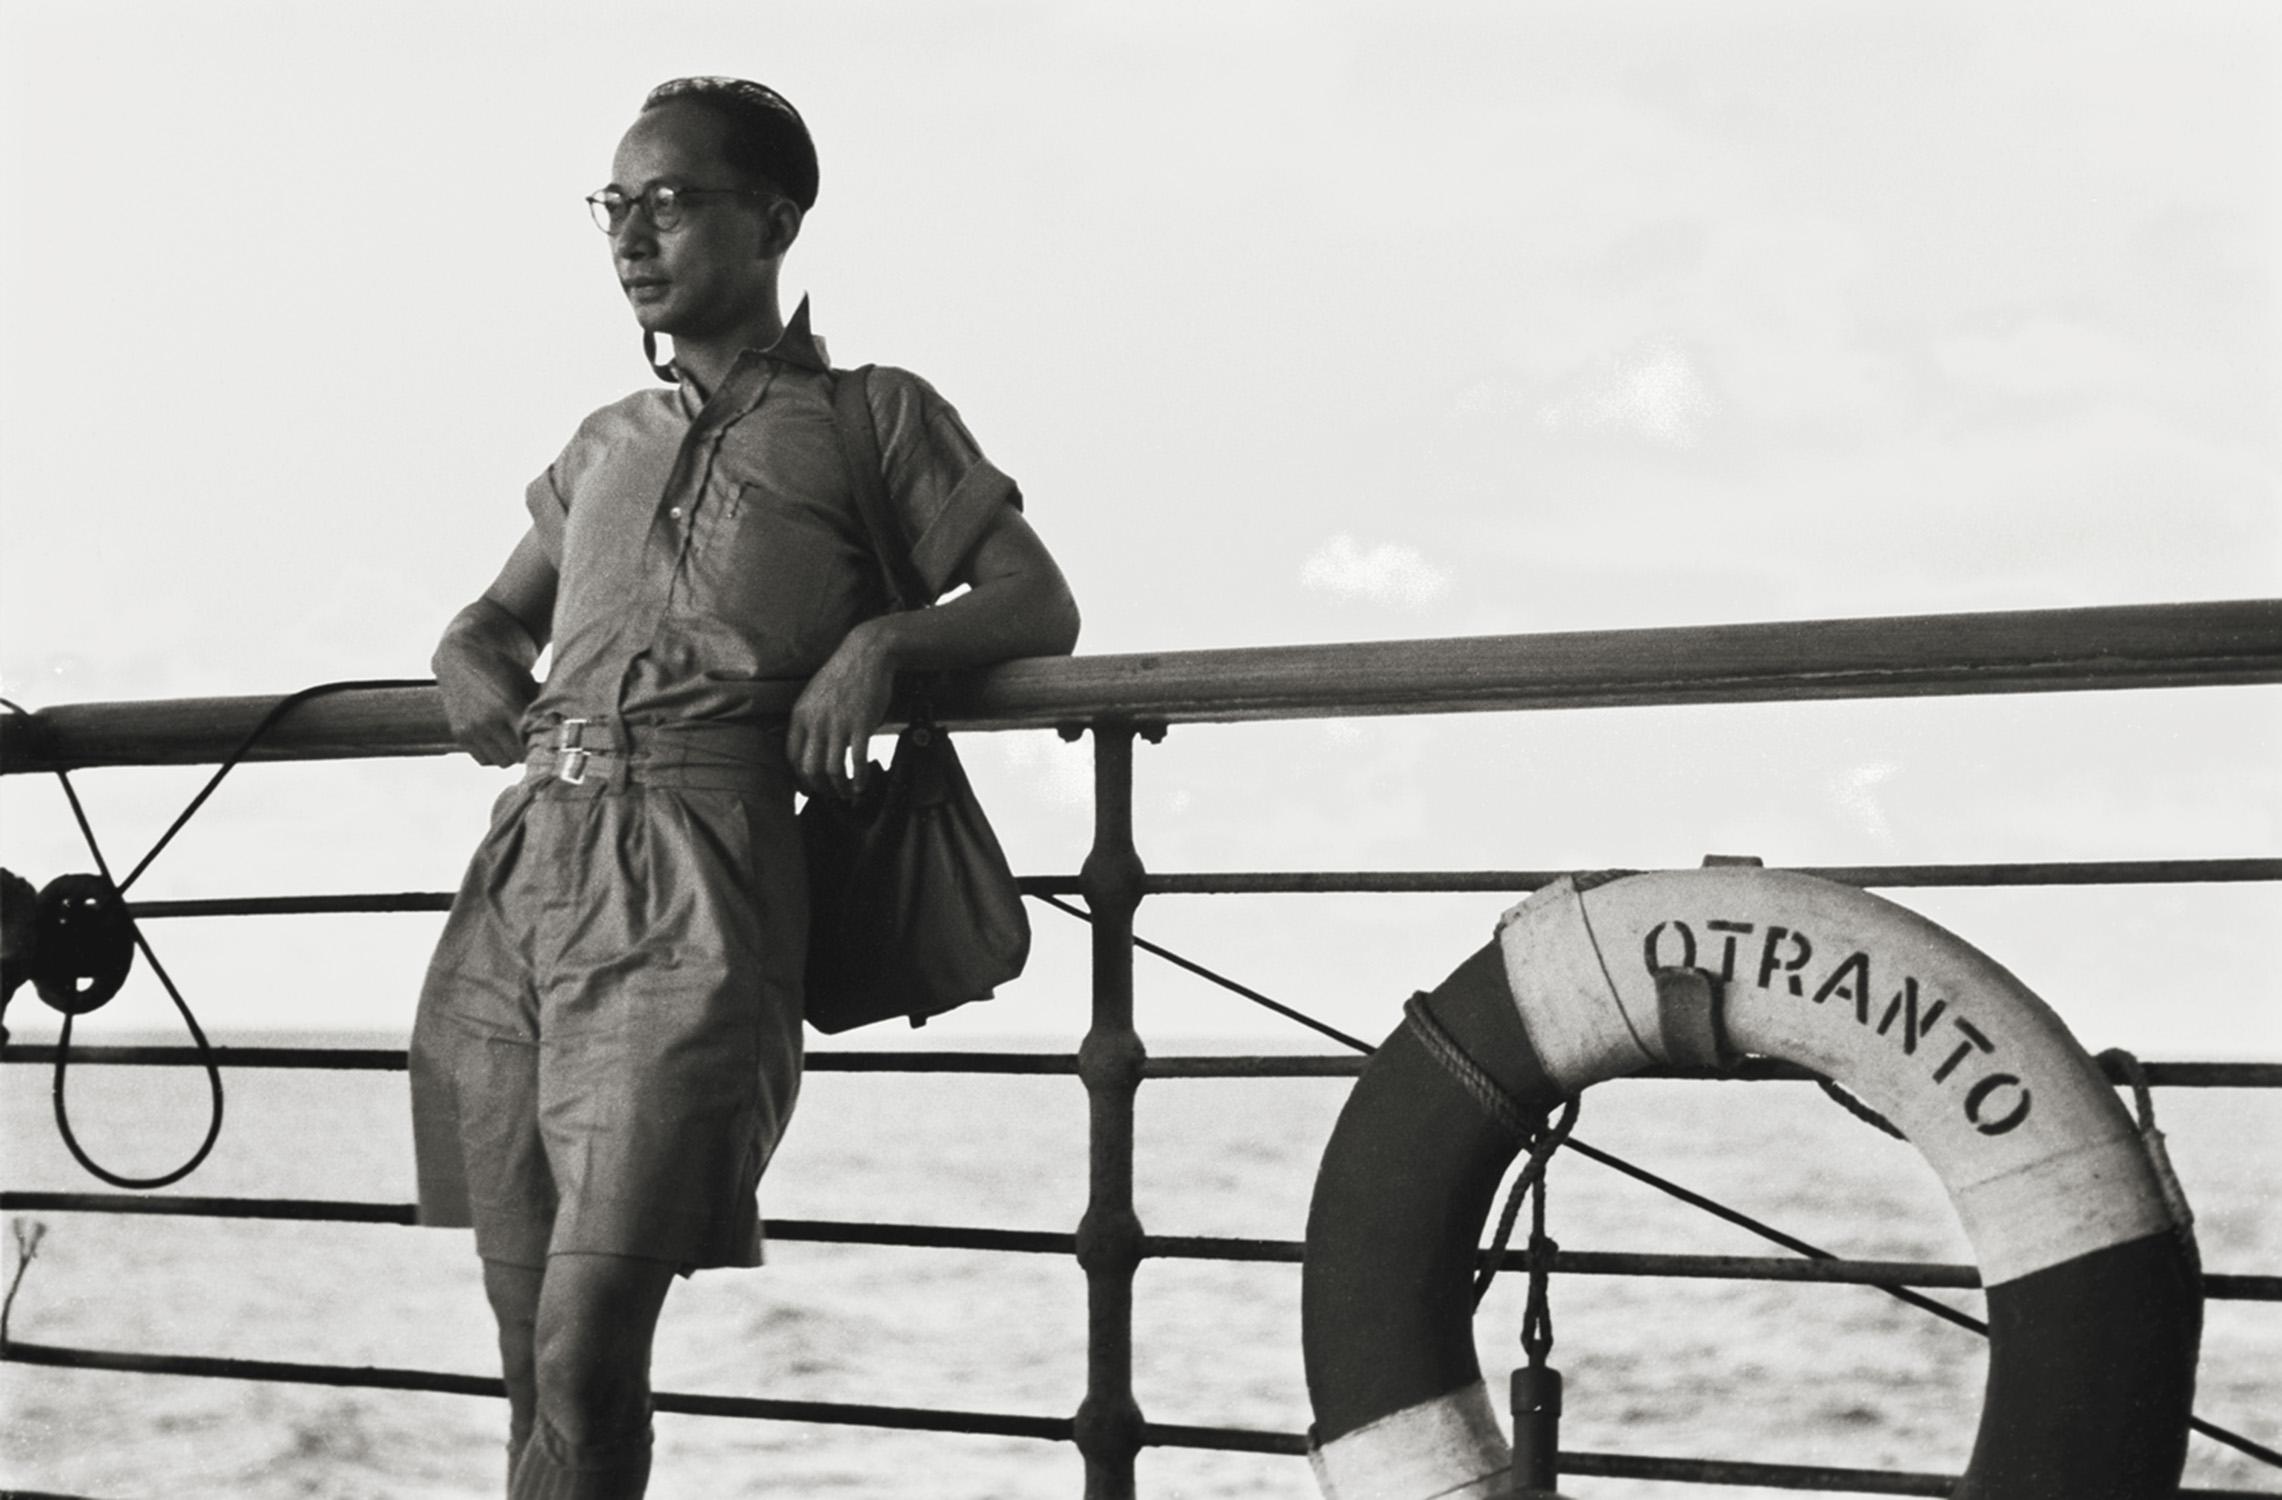 回家, Going home, 1946 / Courtesy of Jin Hua